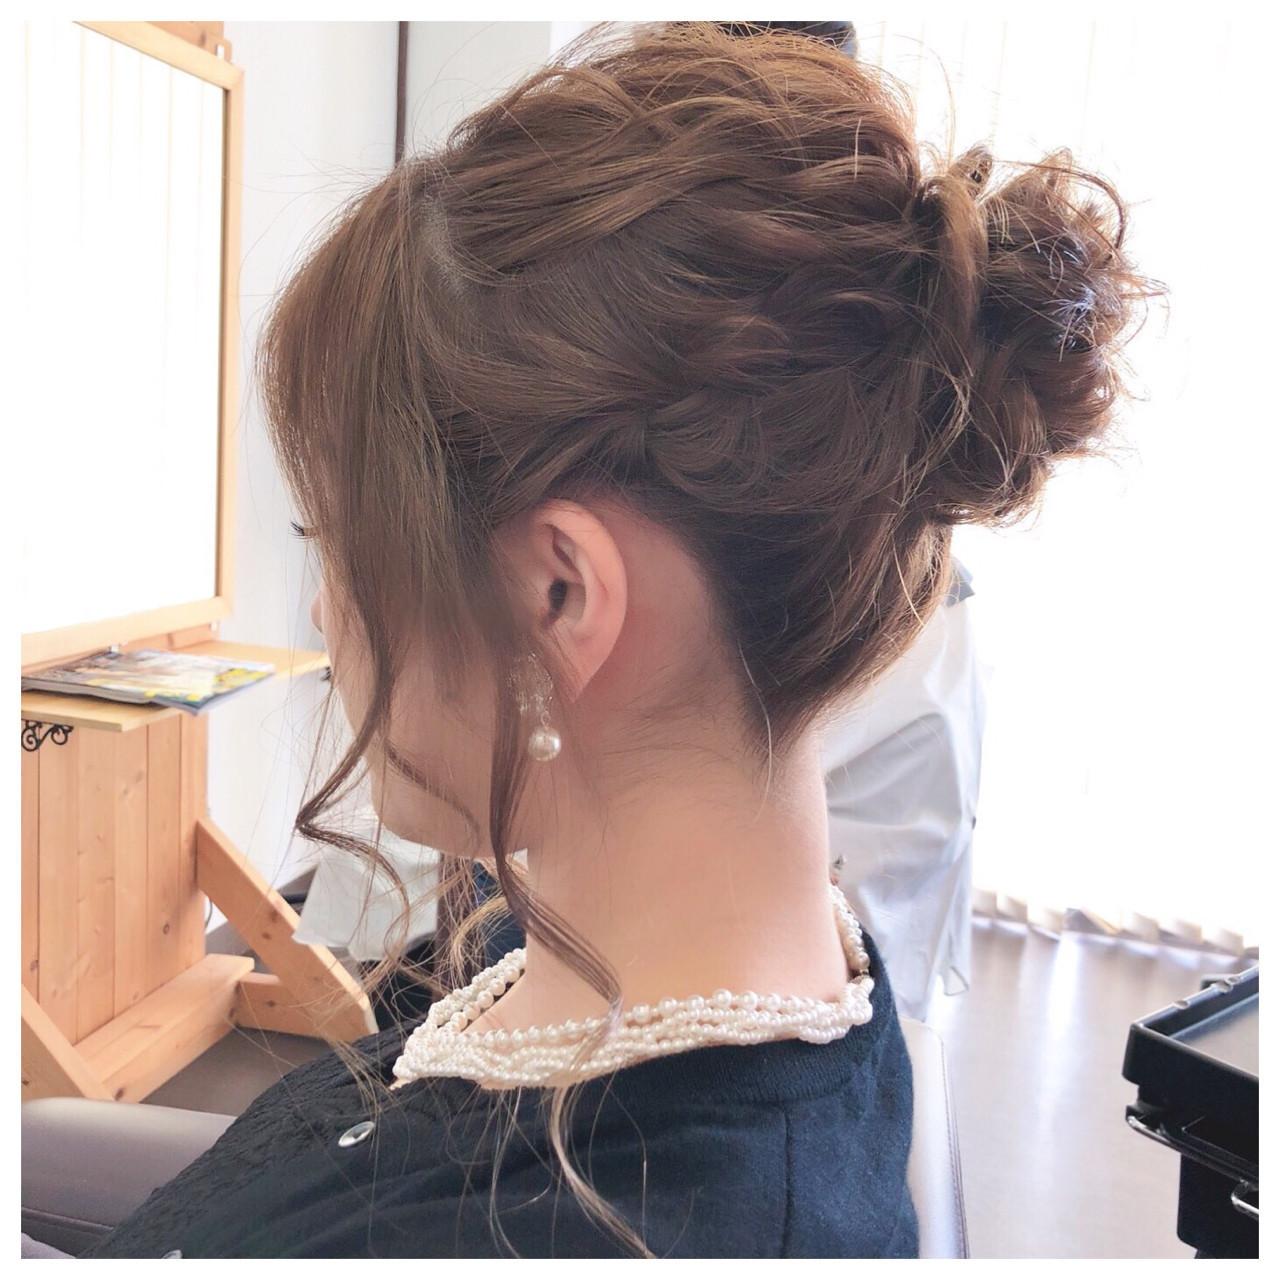 後れ毛がキュートな高めのアップスタイル ヤマナカサトル